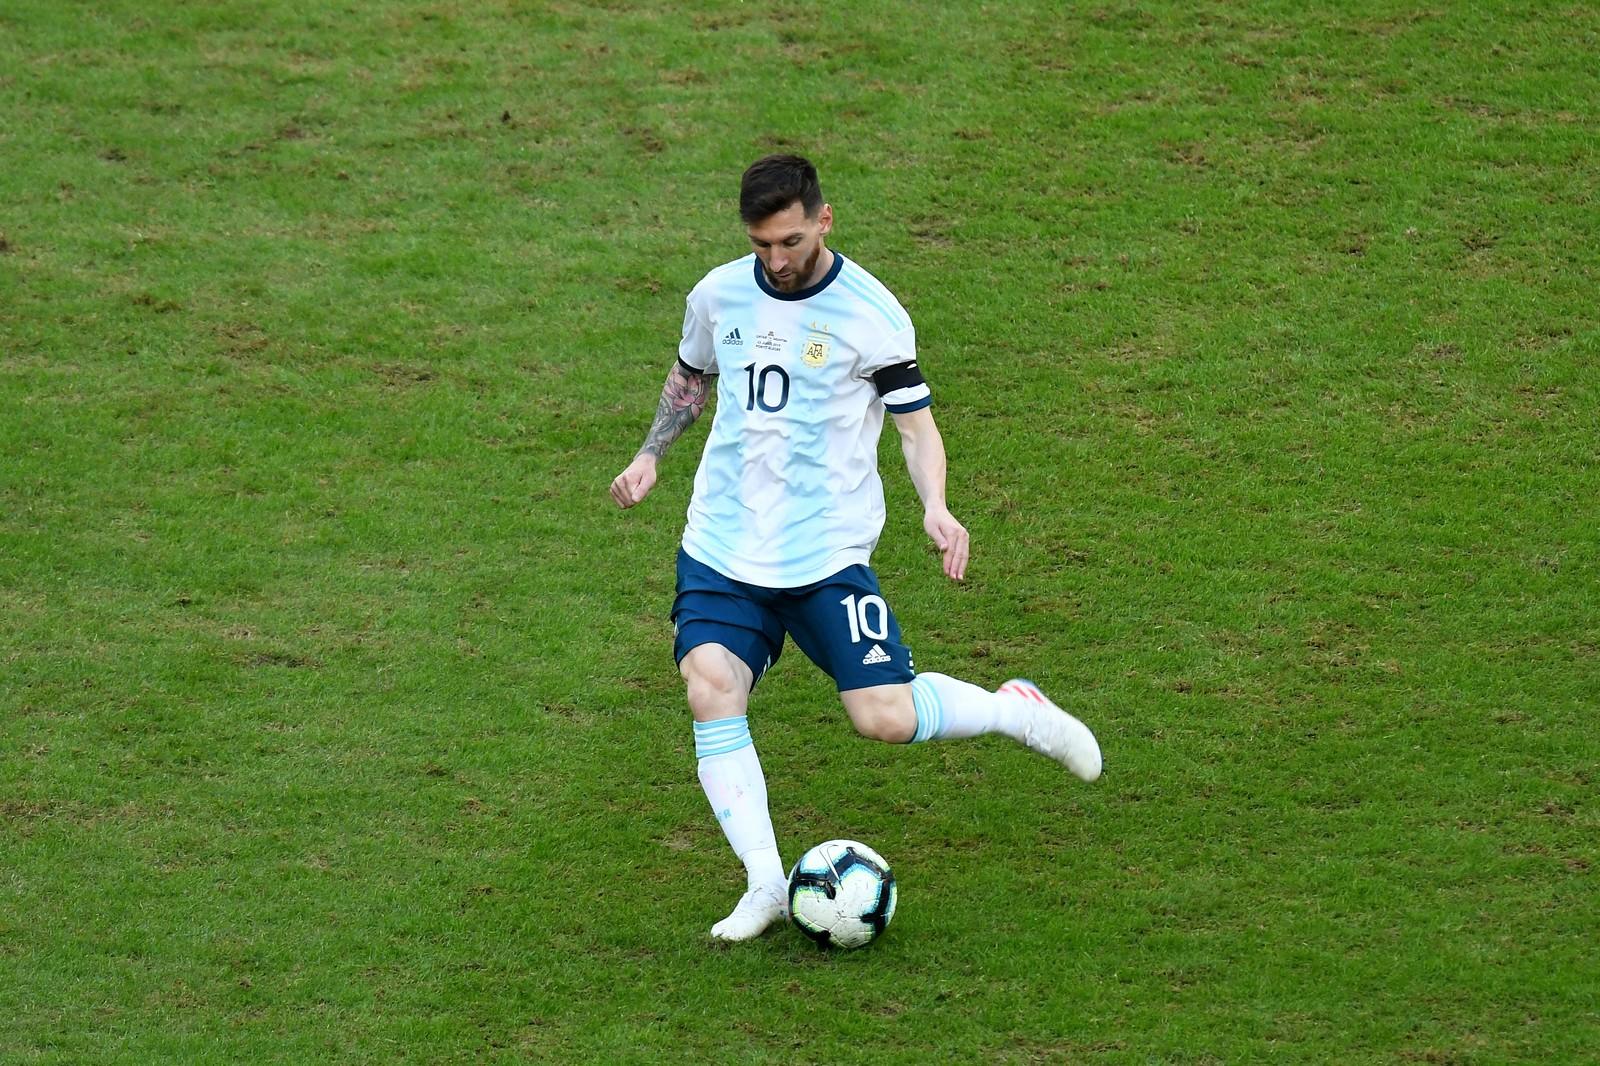 Бразилия - Аргентина. Анонс и прогноз на полуфинальный матч Копа Америка - изображение 2